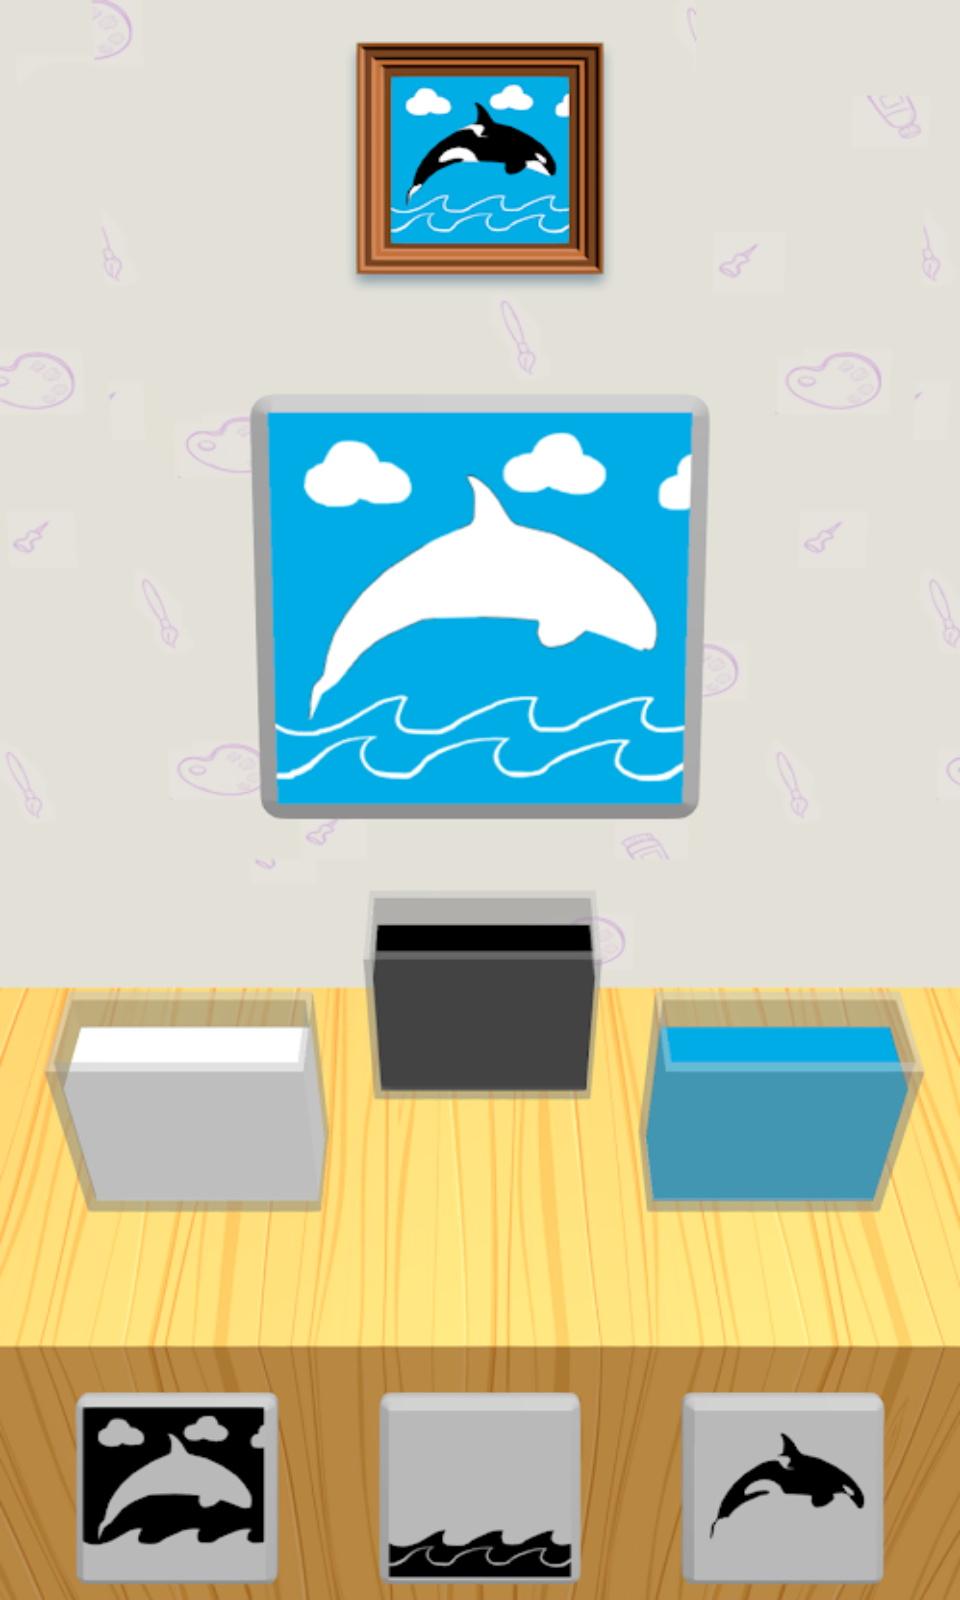 沙画涂色3DV1.0.10 安卓版